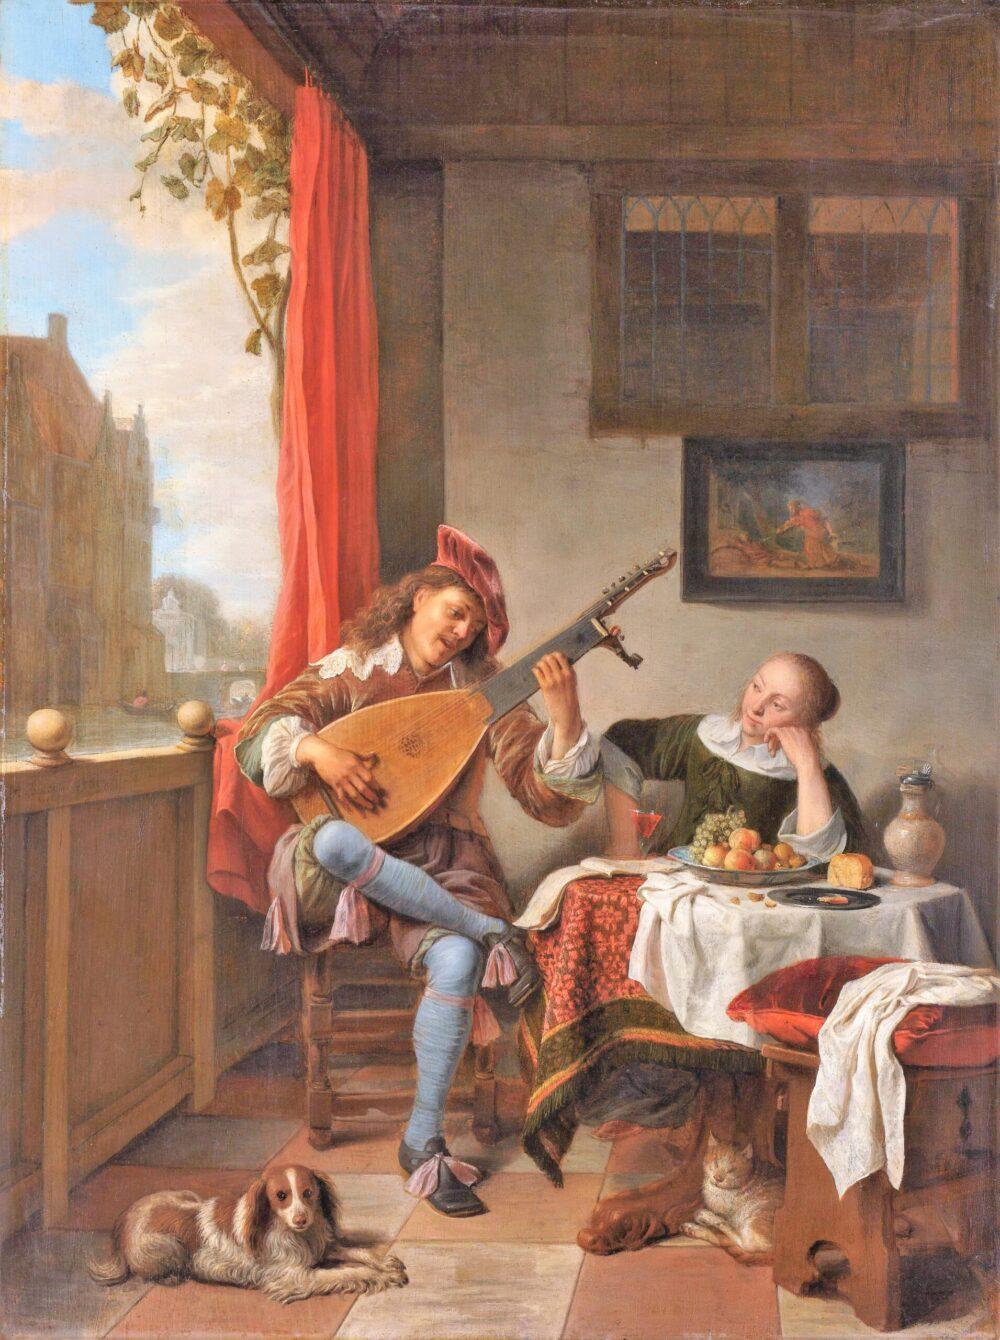 ヘンドリック・マルテンス・ゾルフ《リュート弾き》(1661年)